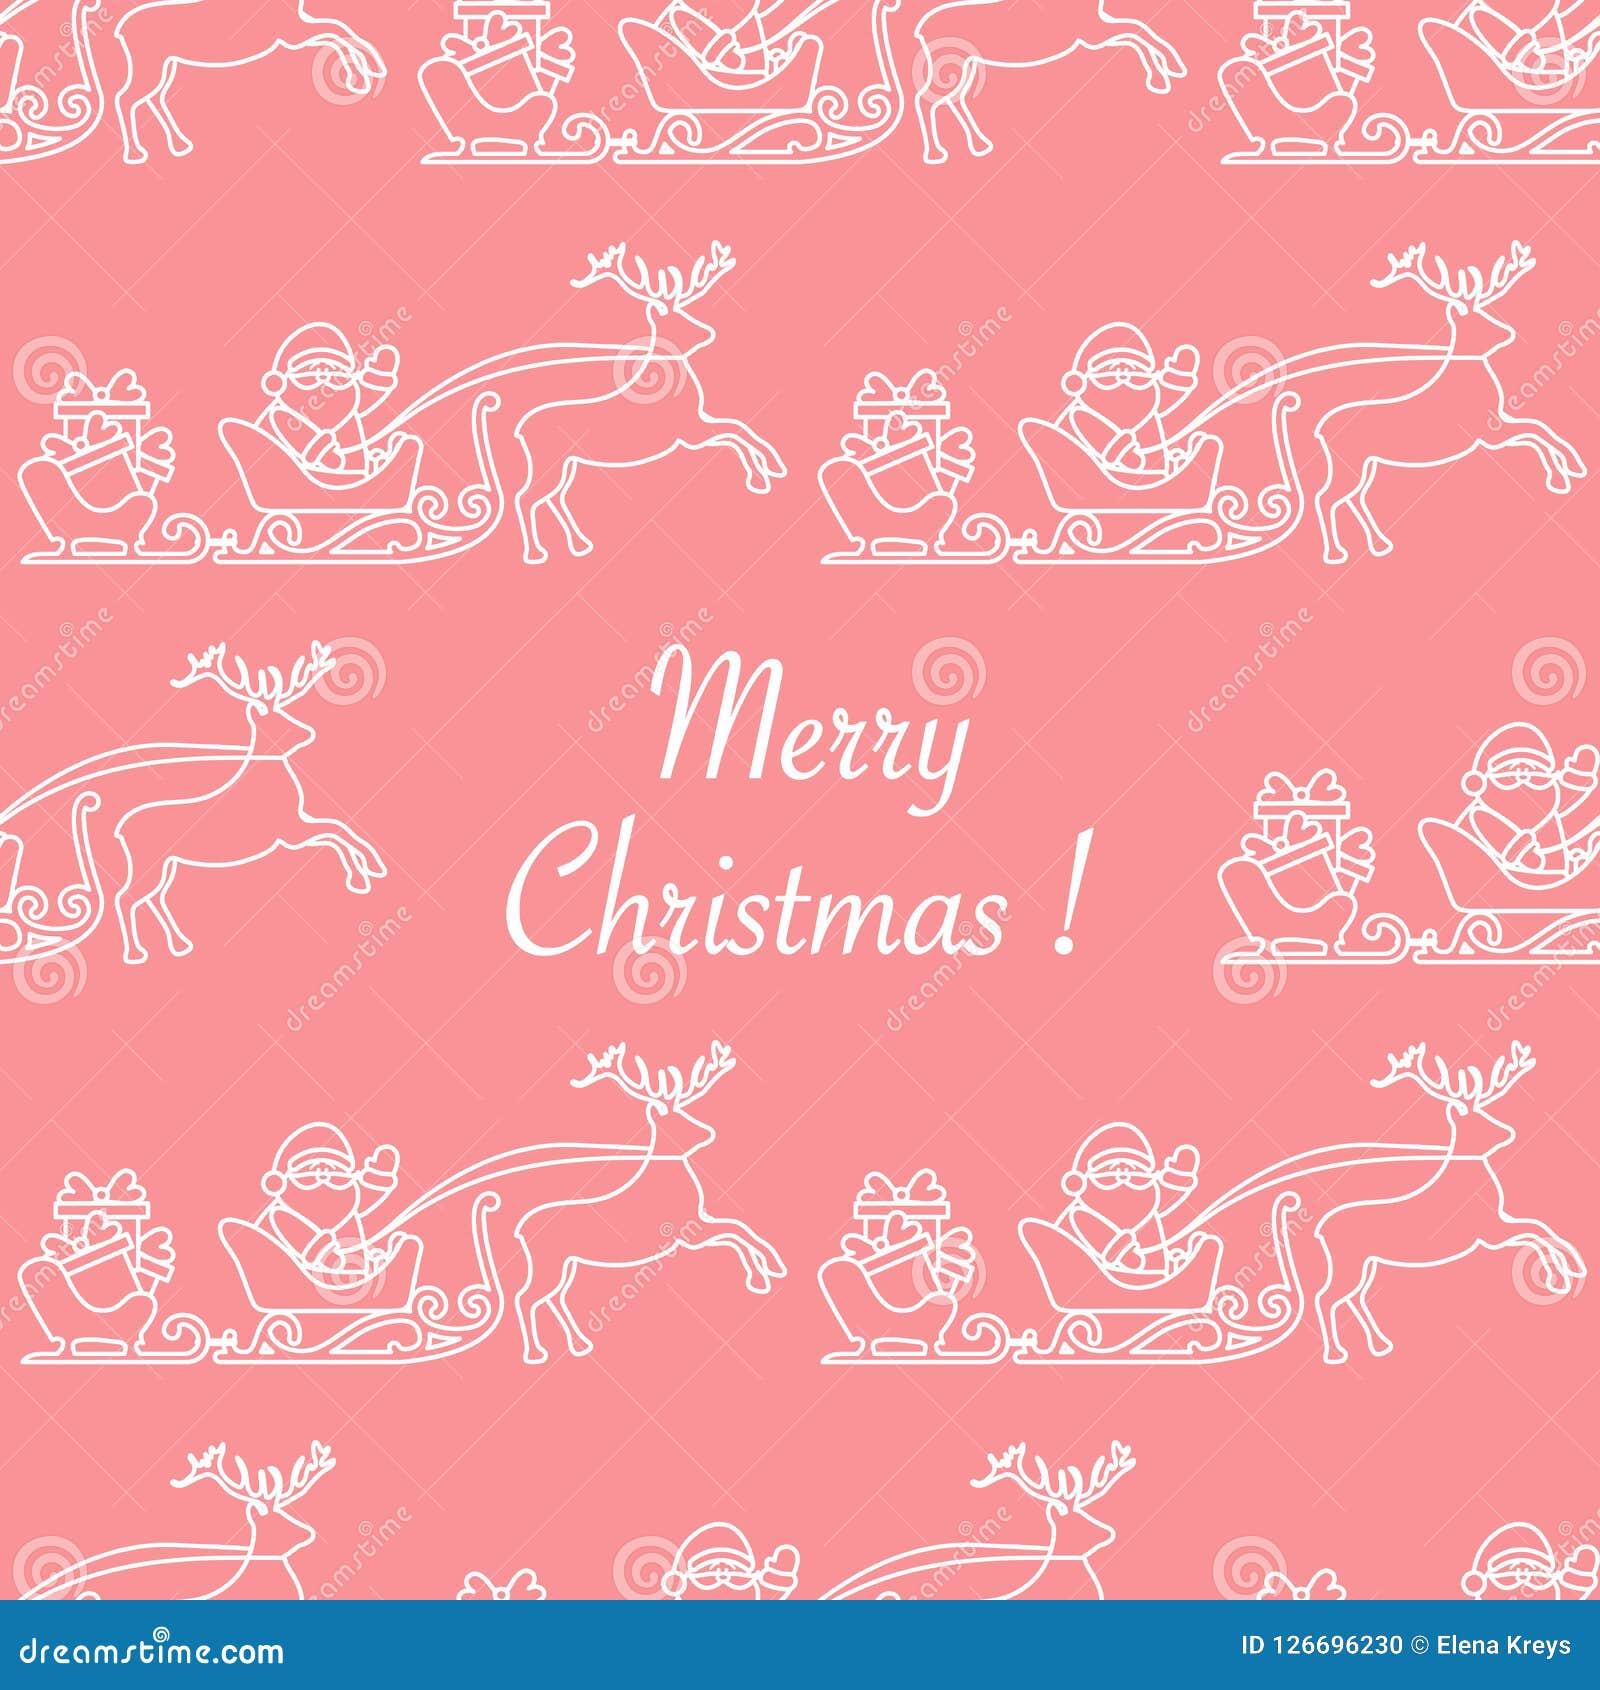 Weihnachten Geschenke 2019.Nahtloses Muster Santa Claus Geschenke Des Weihnachten 2019 Vektor